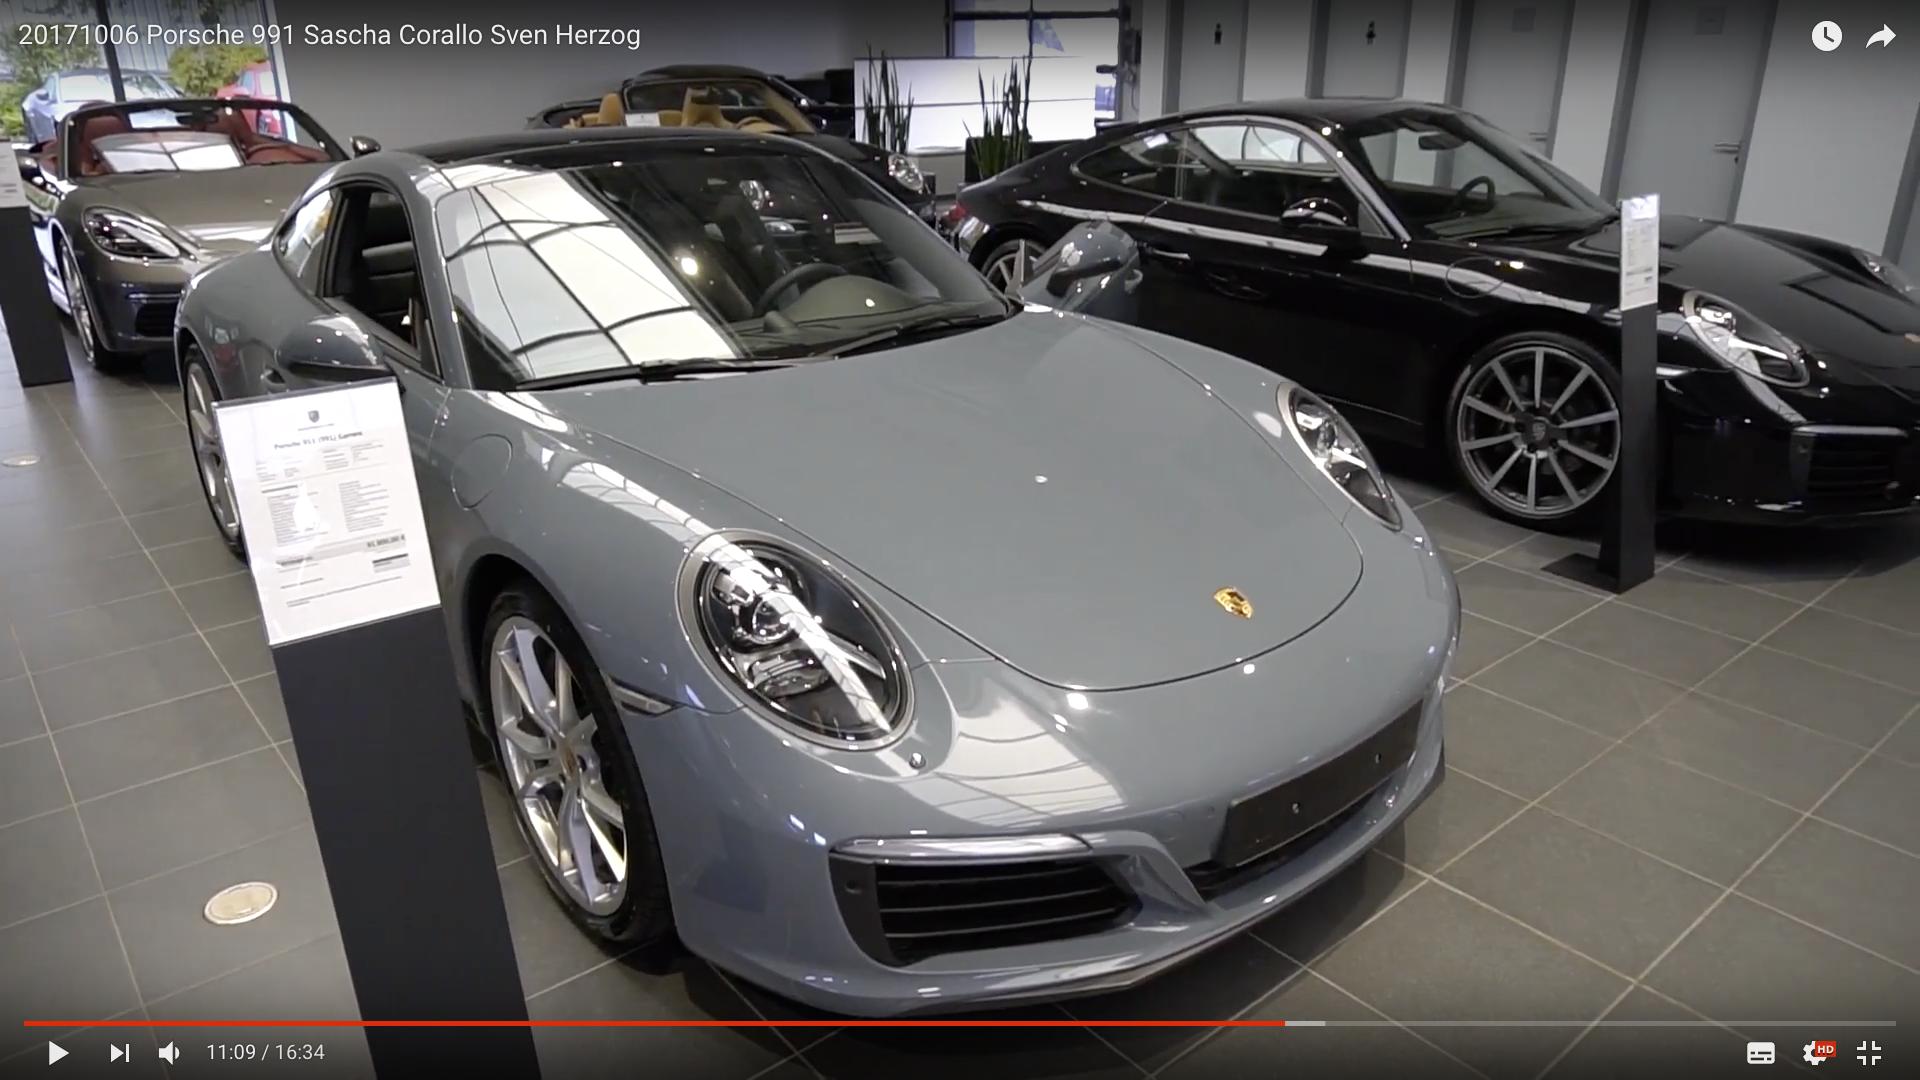 2017 Porsche 991 2. Generation Porsche 991 vorne _MSM_MEDIEN_SAAR_MOSEL_SAARLAND_FERNSEHEN_1_ED_SAAR